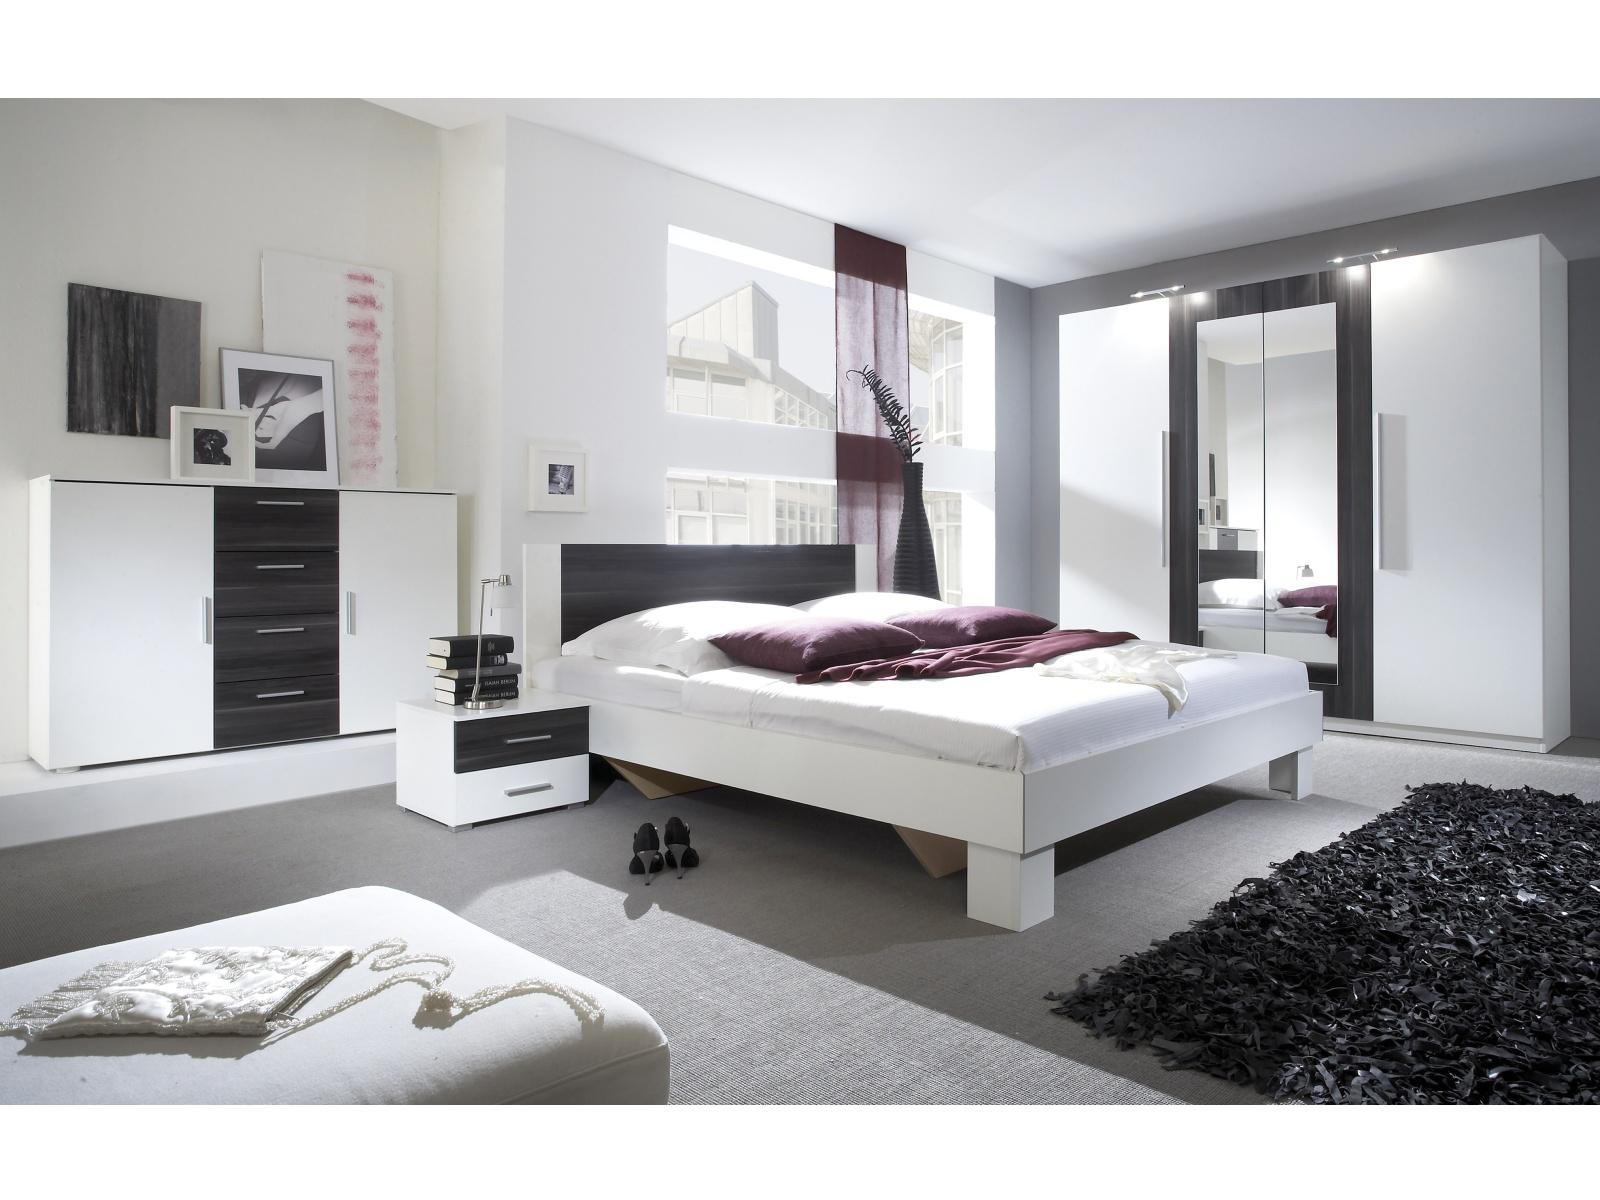 WILDER postel 180x200 cm s nočními stolky, bílá/ořech černý